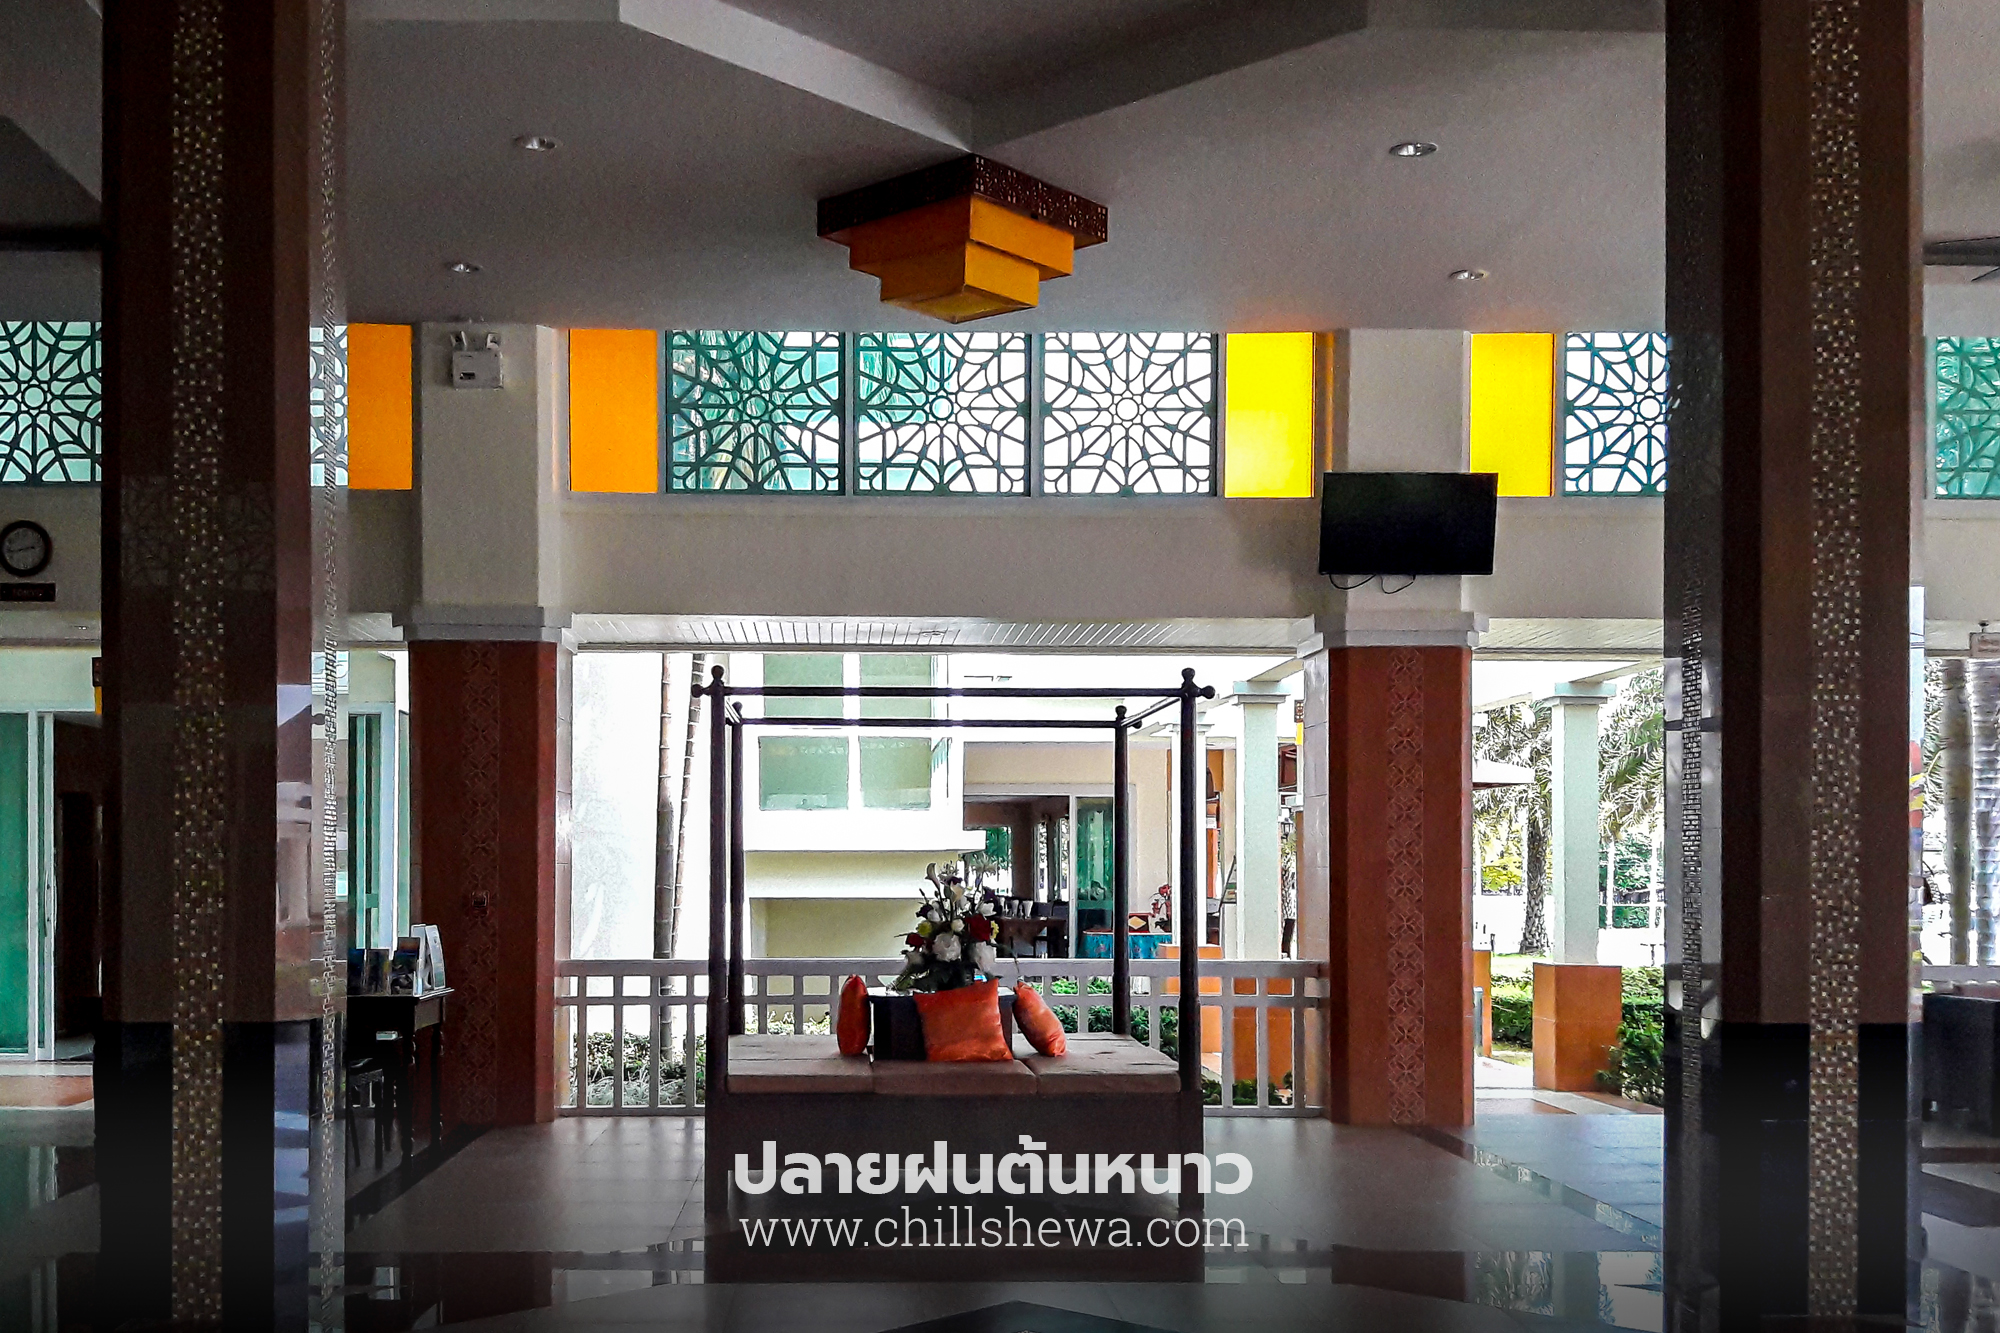 Krabi Front Bay Resort กระบี่ ฟร้อนท์ เบย์ รีสอร์ท krabi front bay resort Krabi Front Bay Resort กระบี่ ฟร้อนท์ เบย์ รีสอร์ท Krabi Front Bay Resort 05